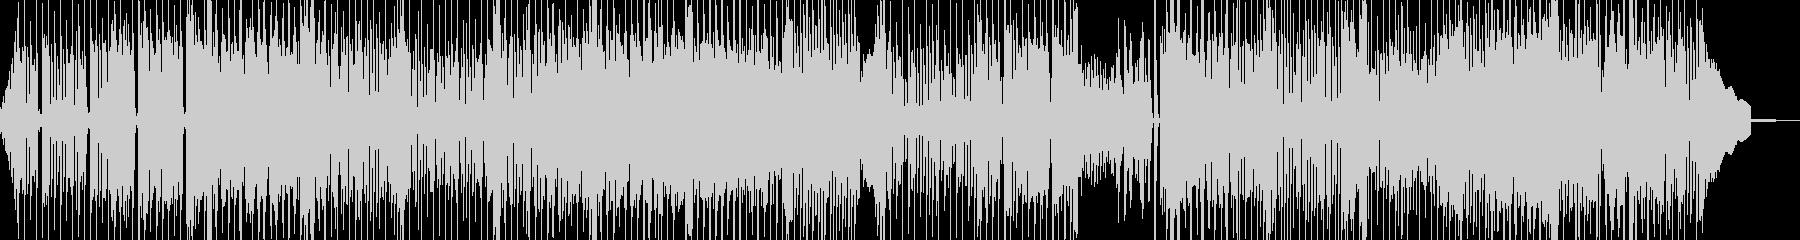 夏バテイメージの無気力ポップ 表リズムDの未再生の波形